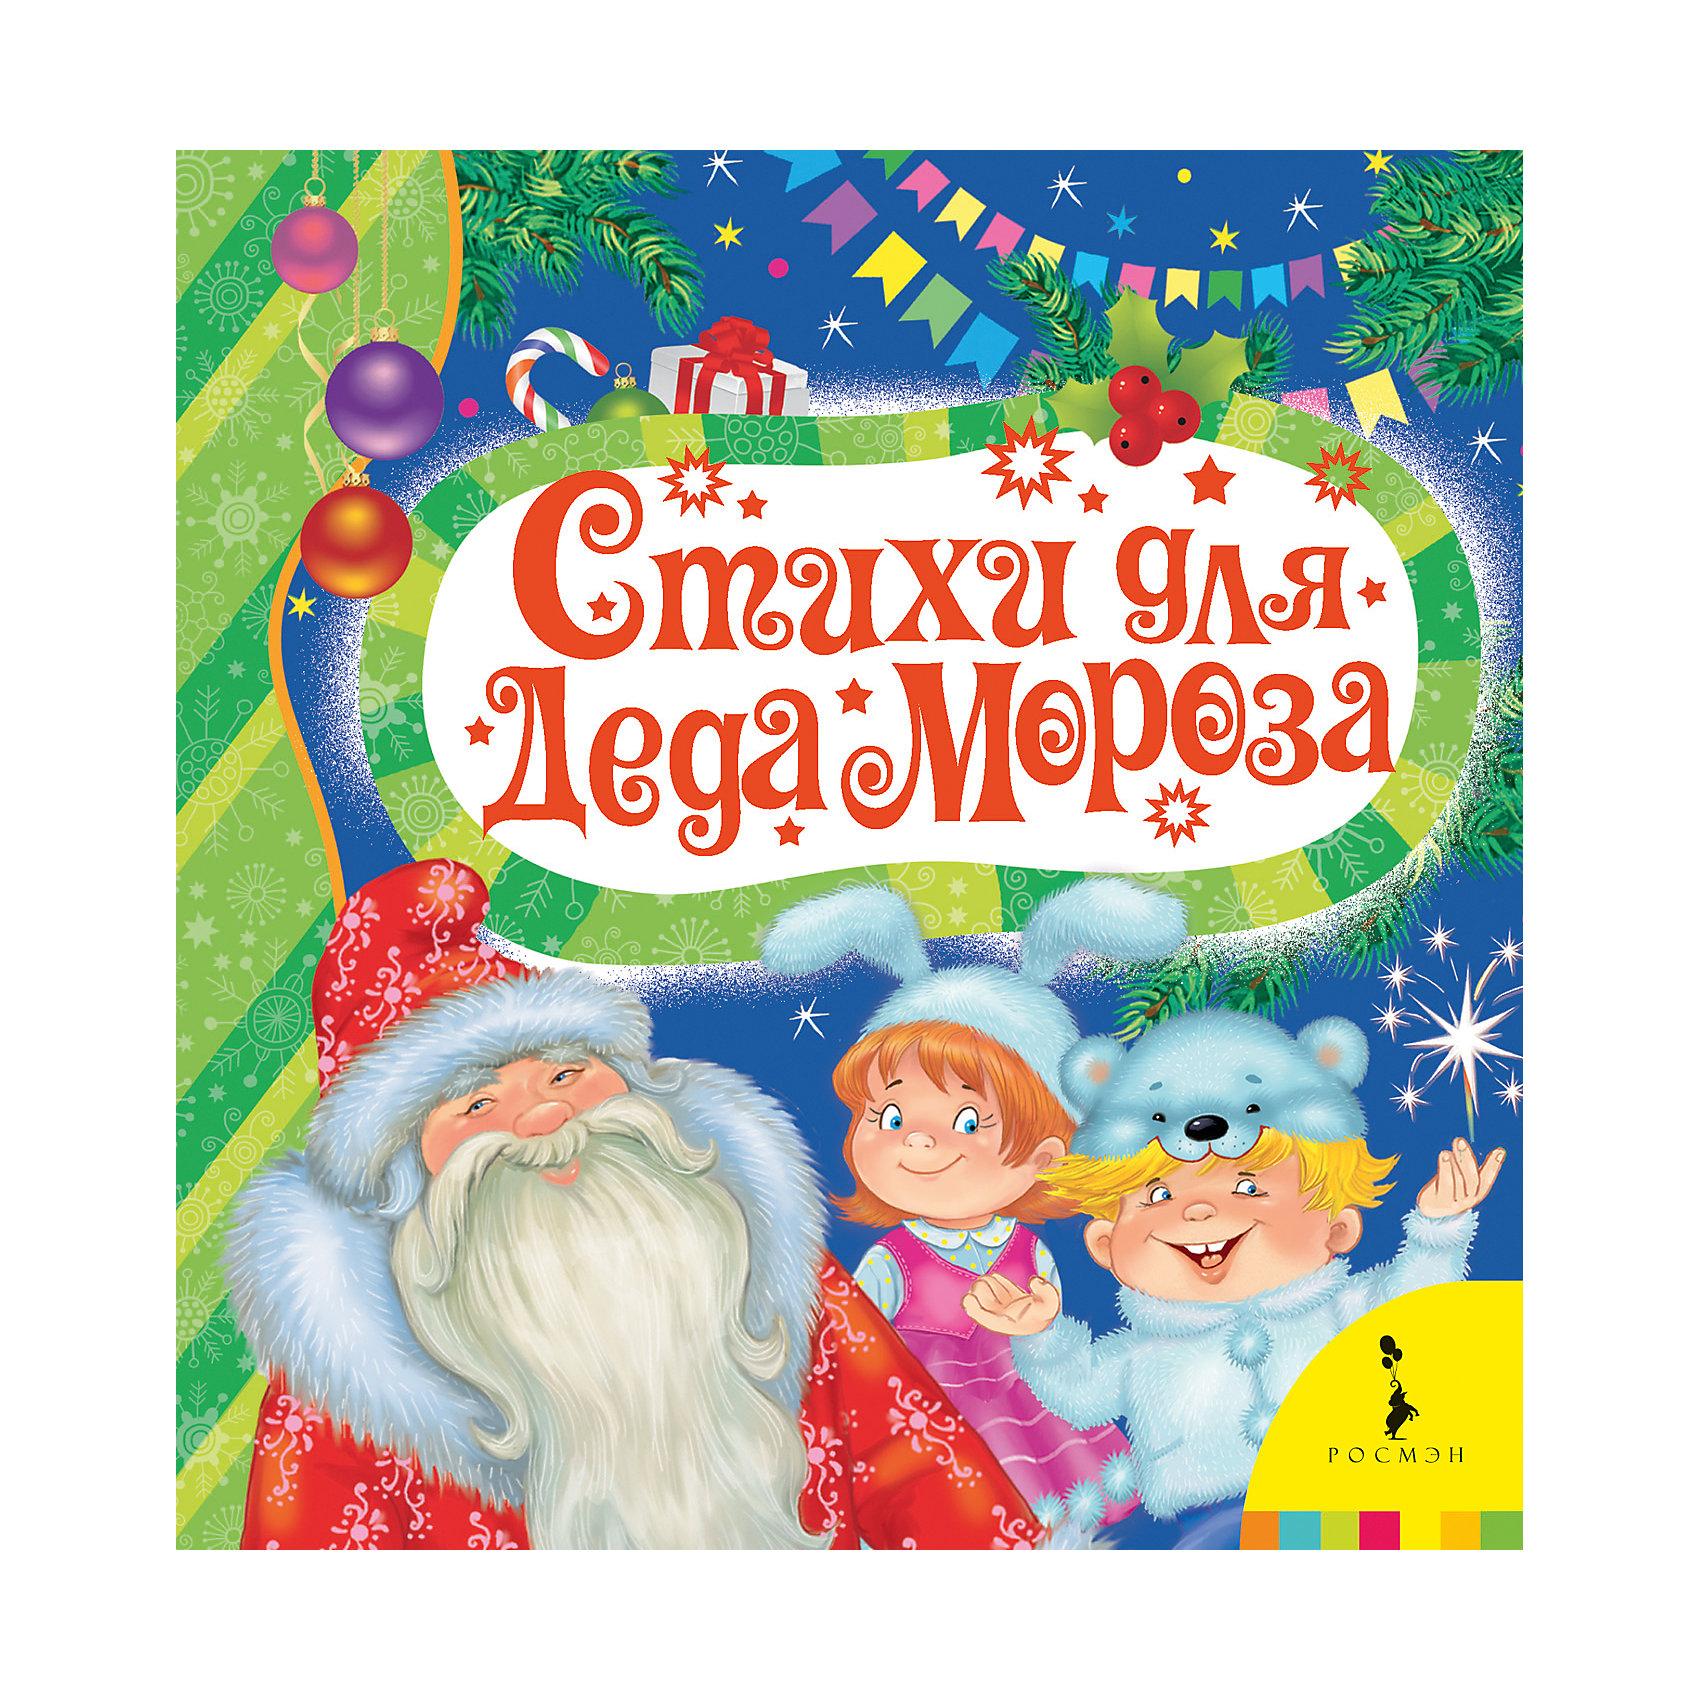 Книга Стихи для деда МорозаНовогодние книги<br>Стихи для деда Мороза<br><br>Характеристики:<br><br>- год выпуска: 2016<br>- издательство: Росмэн<br>- количество страниц: 10<br>- формат: 17 * 0,6 * 18 см.<br>- Тип обложки: 7Бц – твердая целлофинированная<br>- Иллюстрации: цветные<br>- вес: 170 гр.<br><br>Настоящее новогоднее издание – книга Стихи для деда Мороза от классиков детской литературы станет отличным подарком и для маленьких слушателей и для тех, кто уже учится читать самостоятельно. Отличные новогодние истории в стихах помогут приумножить атмосферу праздников в доме. В сборник вошли стихи таких известных писателей как Н. Некрасова, Е. Корсаковой, С. Дрожжина, Н. Скороденко. Ребенок сможет с вашей помощью послушать, запомнить, а может и самостоятельно прочитать стихотворения про оленей, новогодние фейерверки, про то, как улицей гуляет дедушка Мороз, про снежок и про секрет. Новогодние семейные праздники станут веселее и интереснее с новой книгой стихов, которые малыш сможет рассказывать Дедушке Морозу. <br><br>Книгу Стихи для деда Мороза можно купить в нашем интернет-магазине.<br><br>Ширина мм: 168<br>Глубина мм: 178<br>Высота мм: 6<br>Вес г: 170<br>Возраст от месяцев: 0<br>Возраст до месяцев: 36<br>Пол: Унисекс<br>Возраст: Детский<br>SKU: 5109567